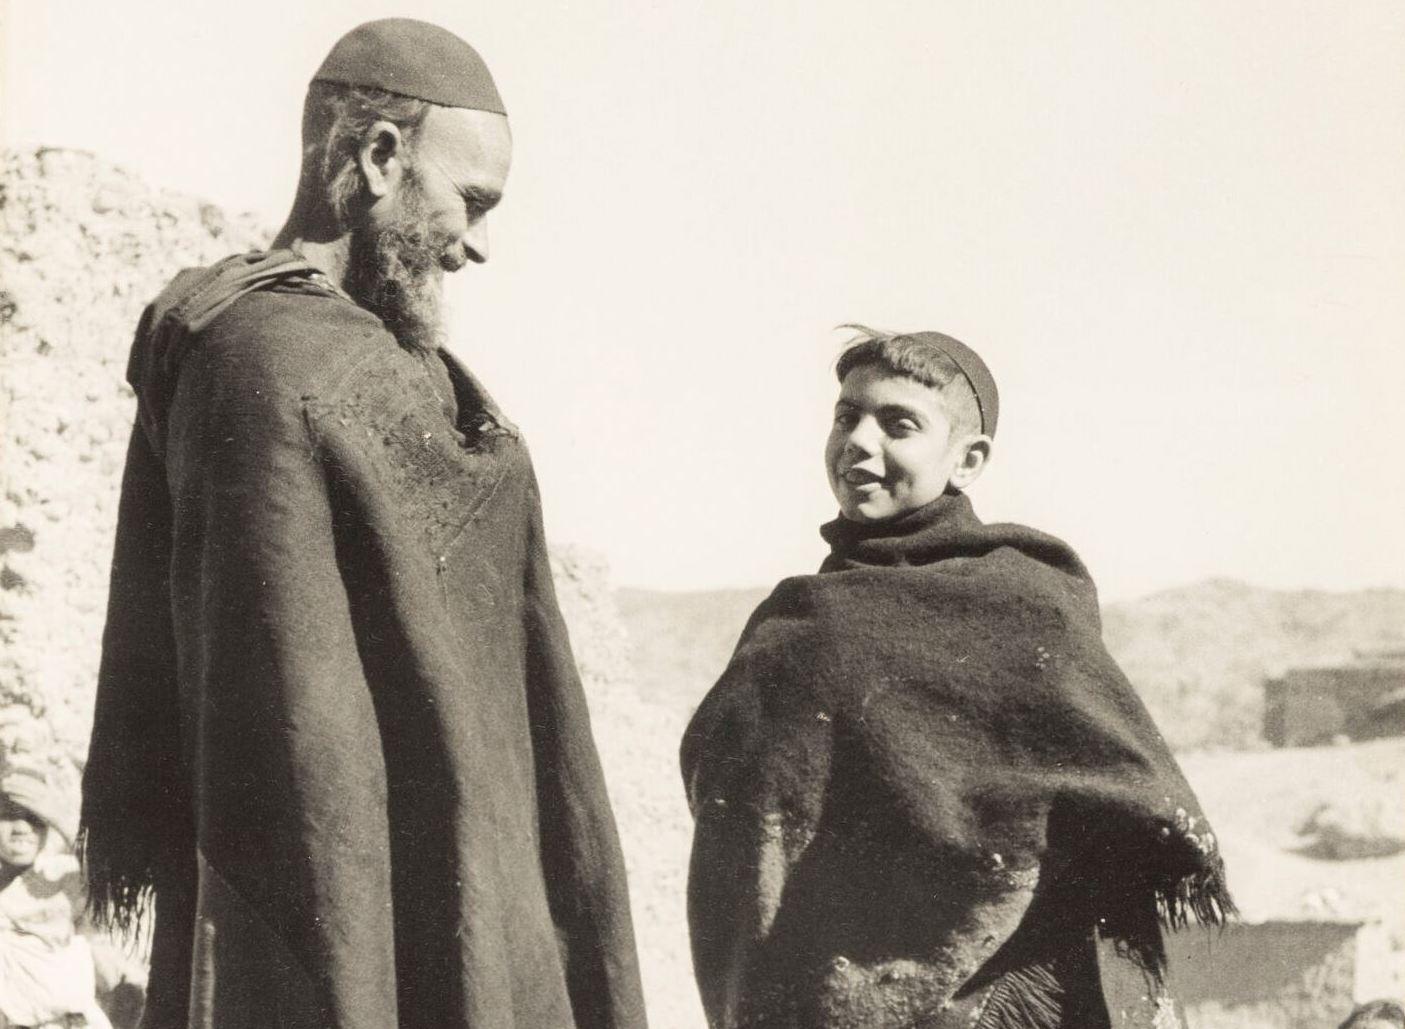 Région de Tikirt, vallée du Draa. Homme et enfant en costume traditionnel. (Crédit : Collection Sarah Assidon-Pinson © Adagp, Paris, 2020)